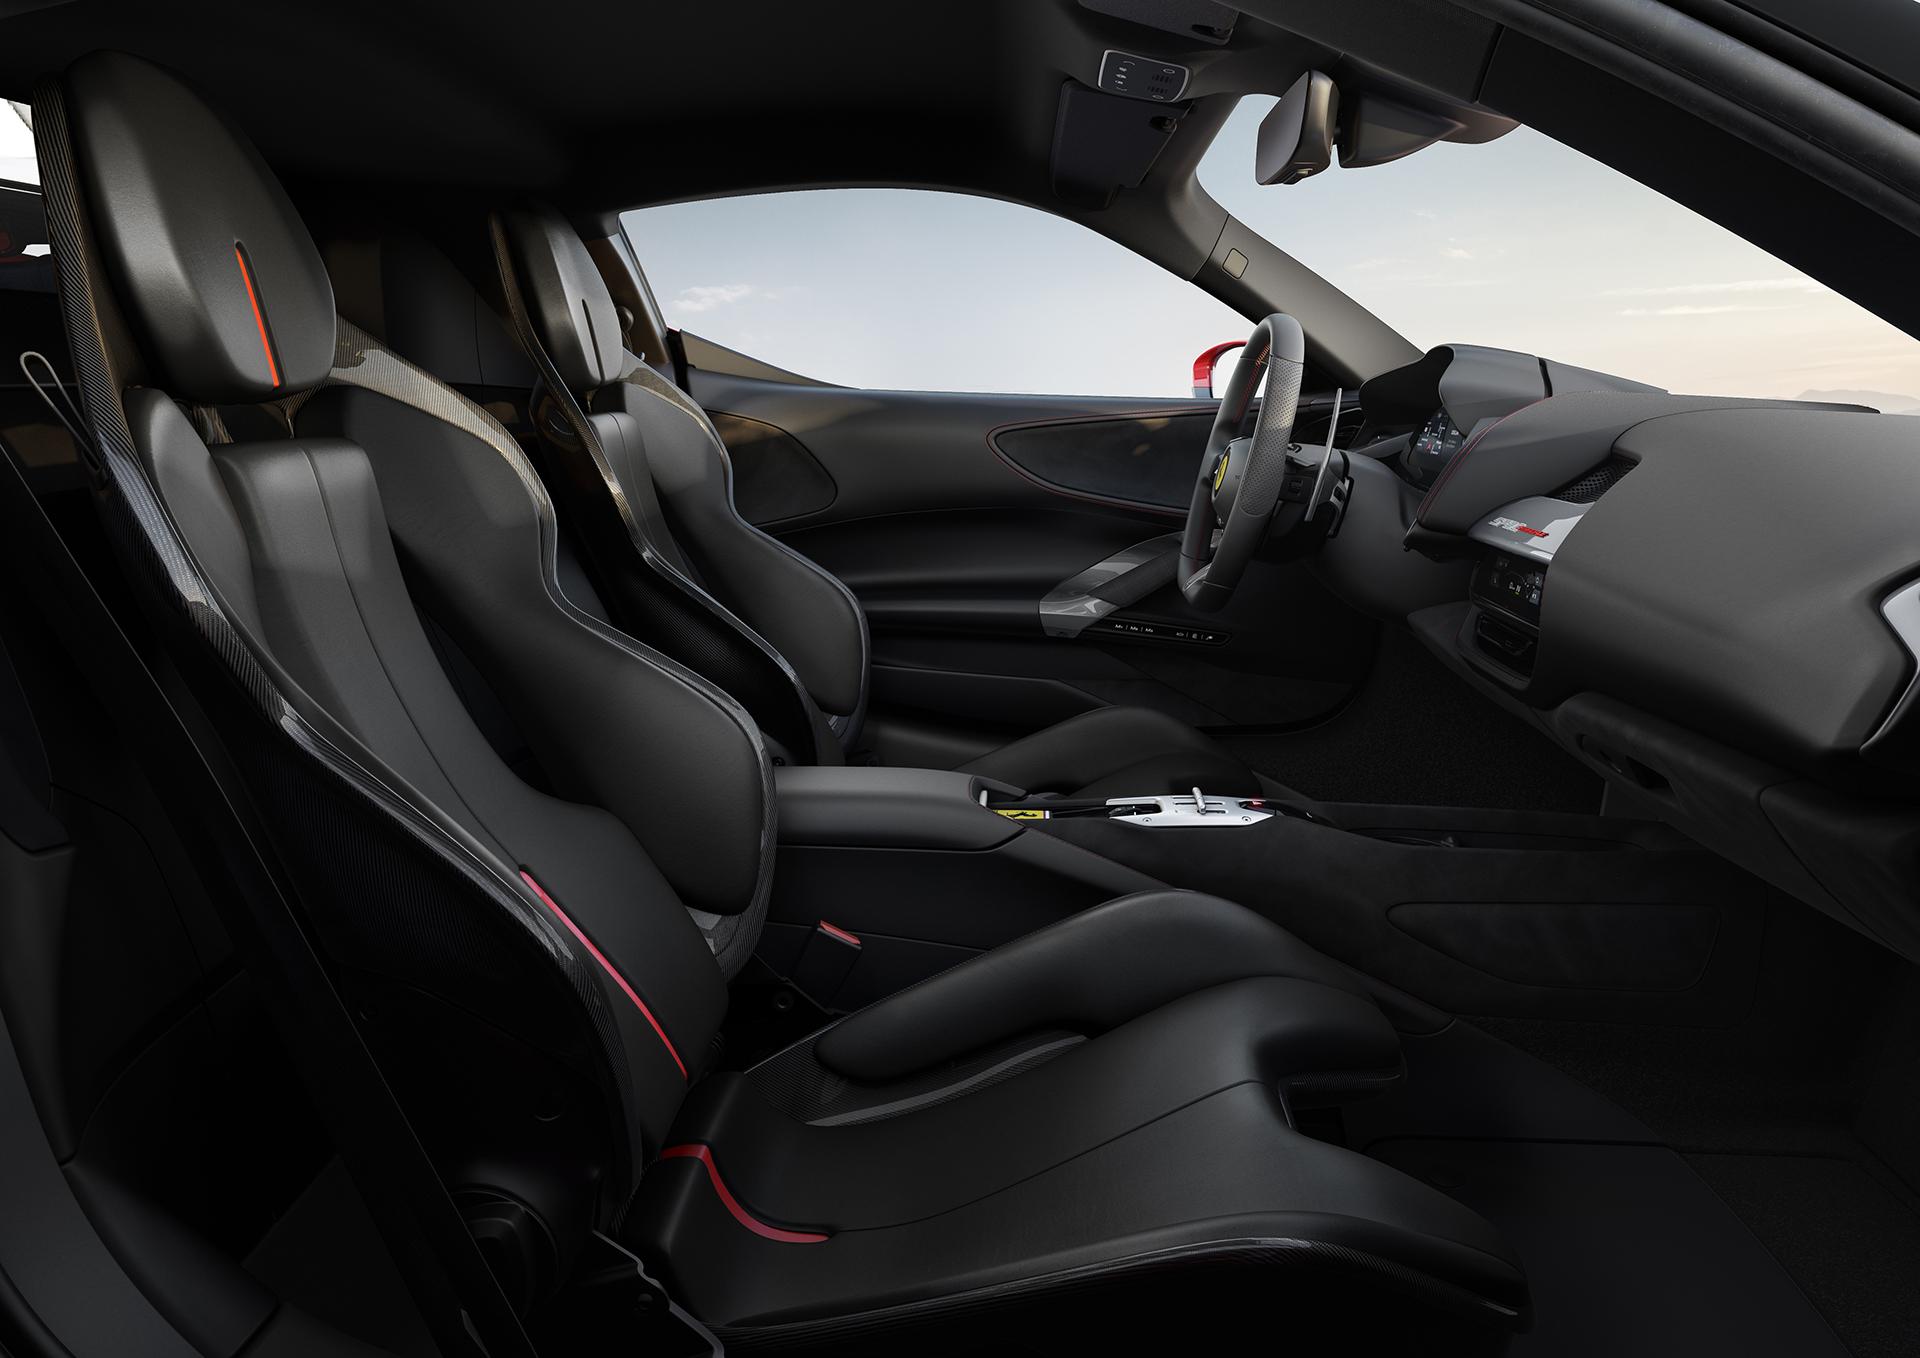 Ferrari построила первый подзаряжаемый гибрид